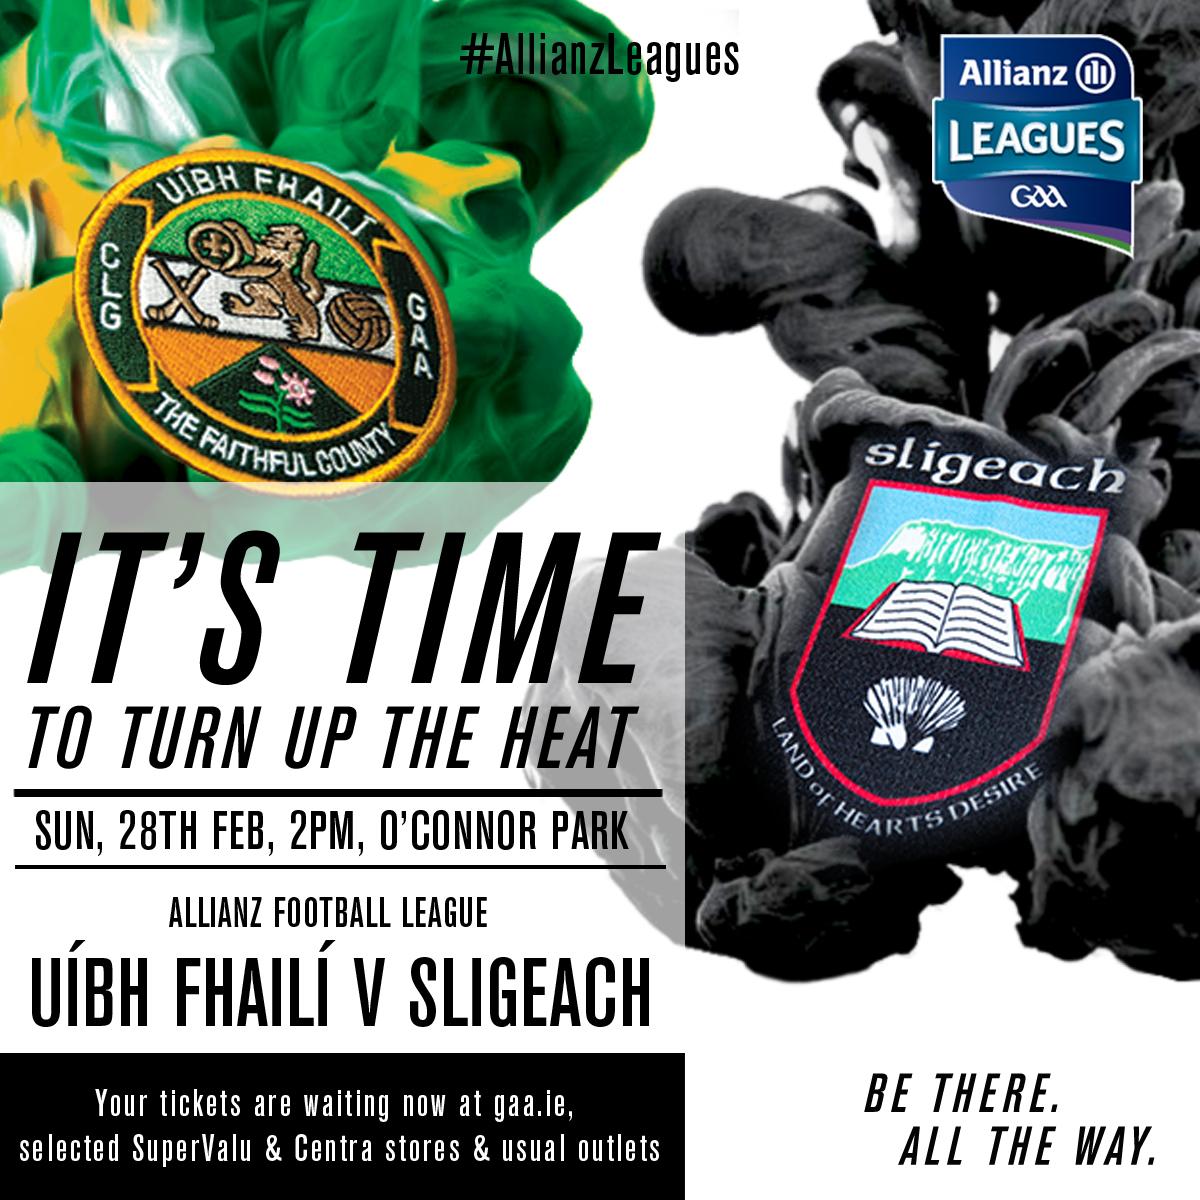 Offaly v Sligo NFL Rd 3 – 28/02/2016